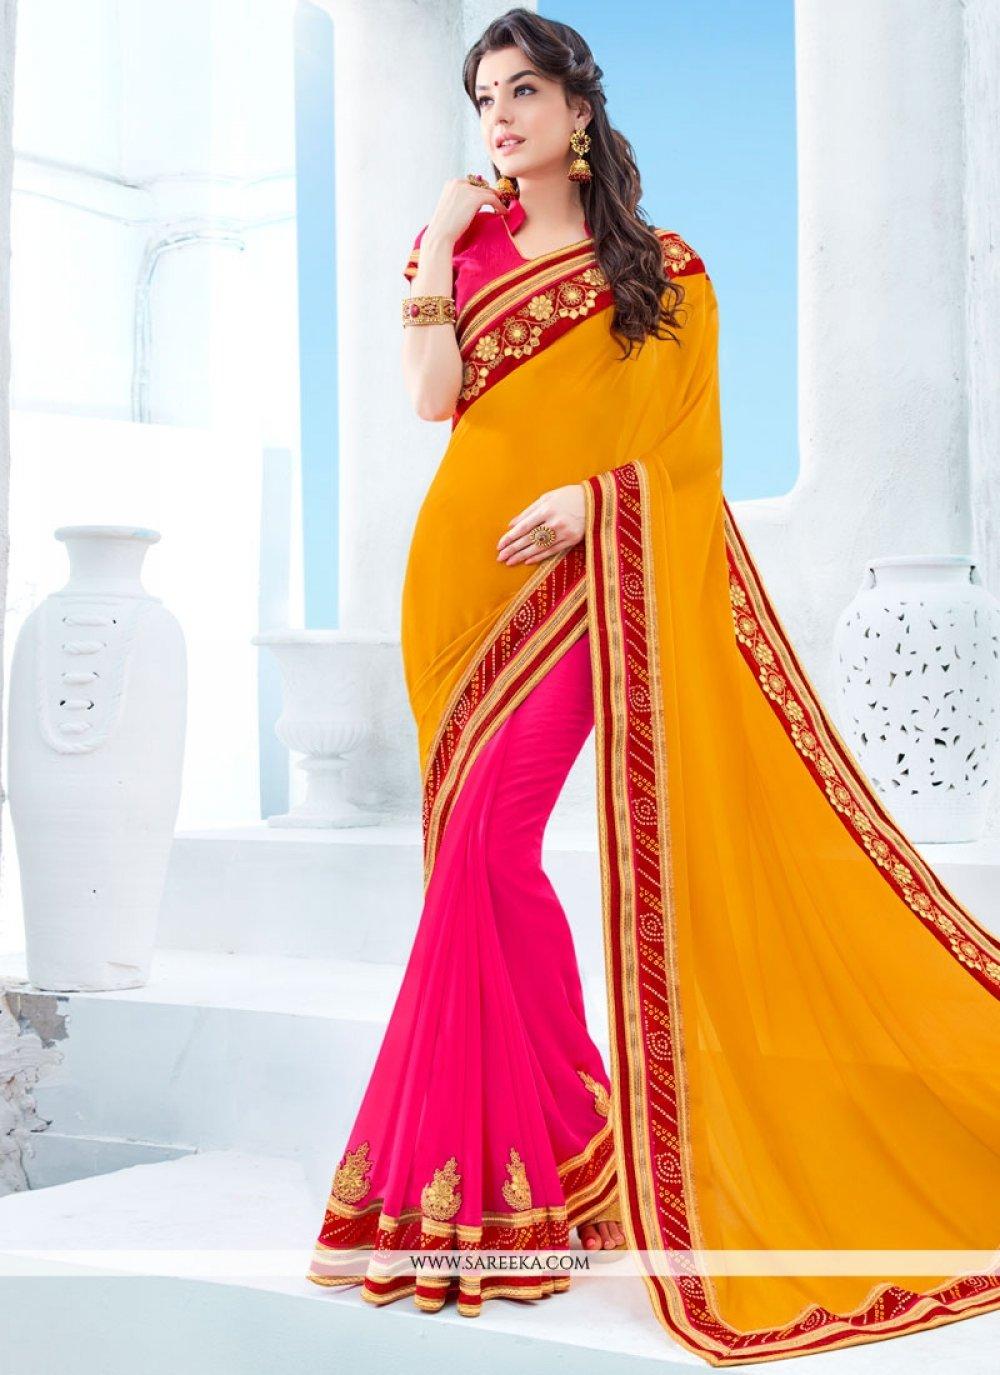 Faux Chiffon Hot Pink and Yellow Half N Half Designer Saree